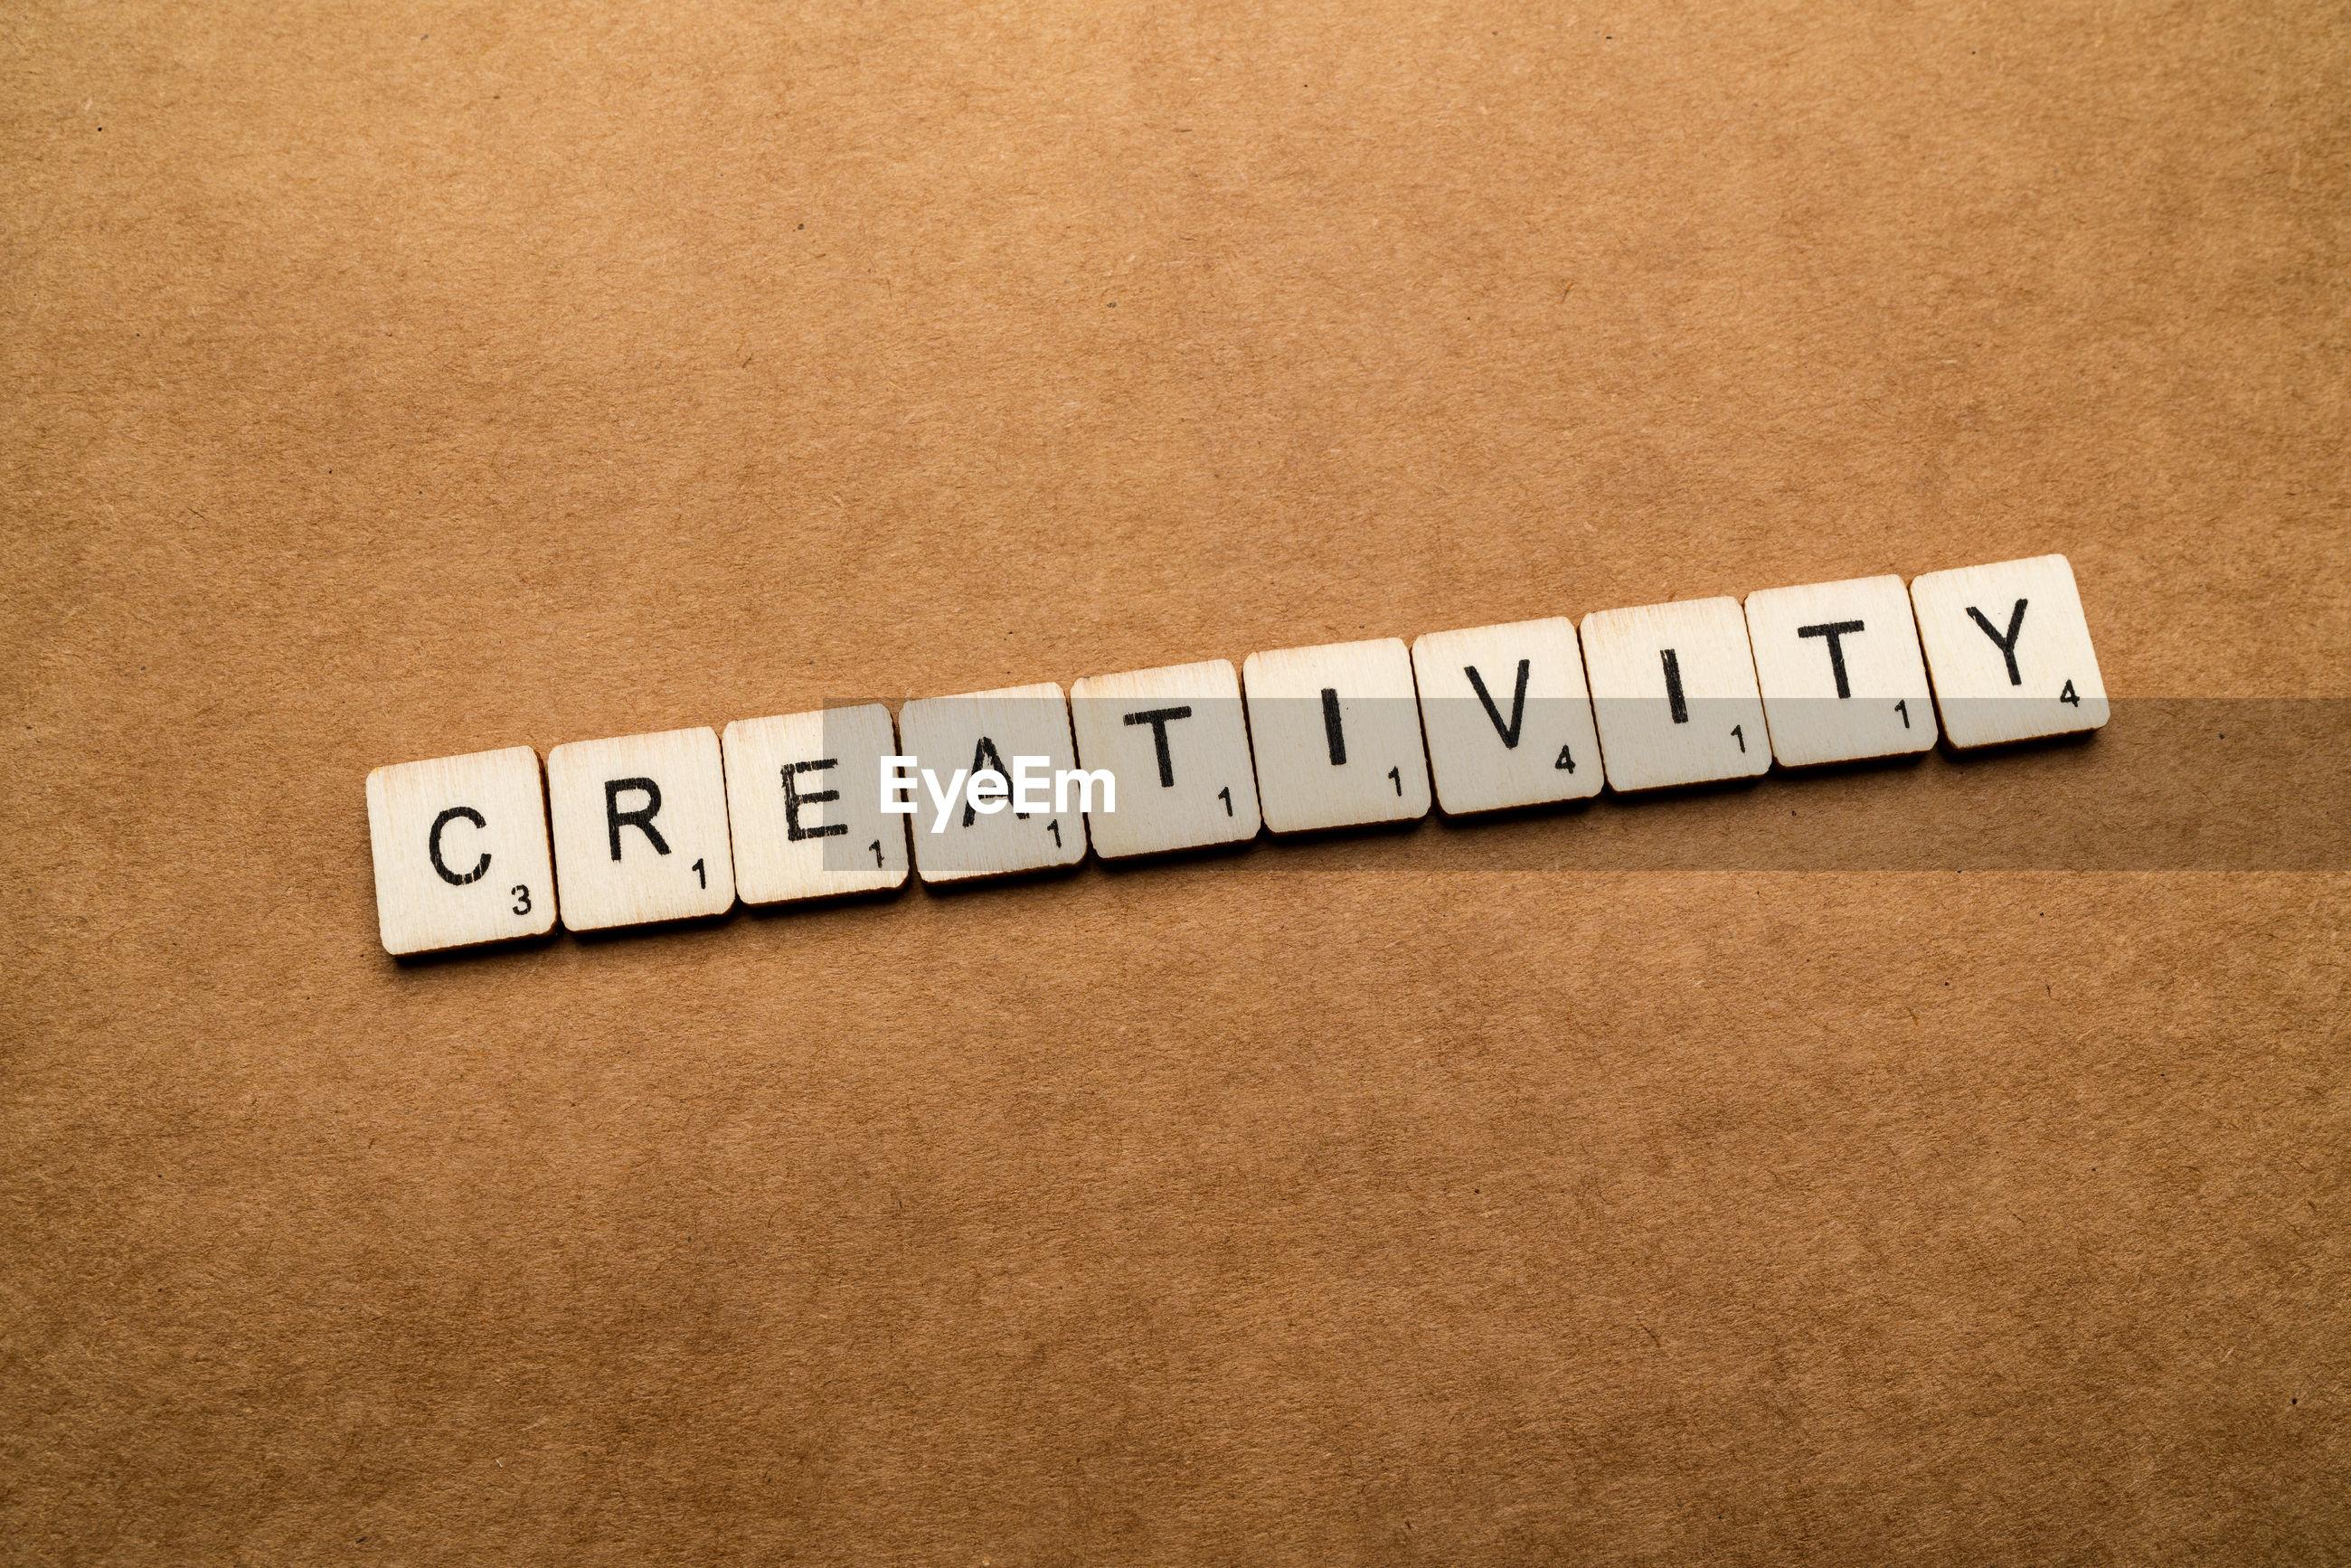 Creativity text on table